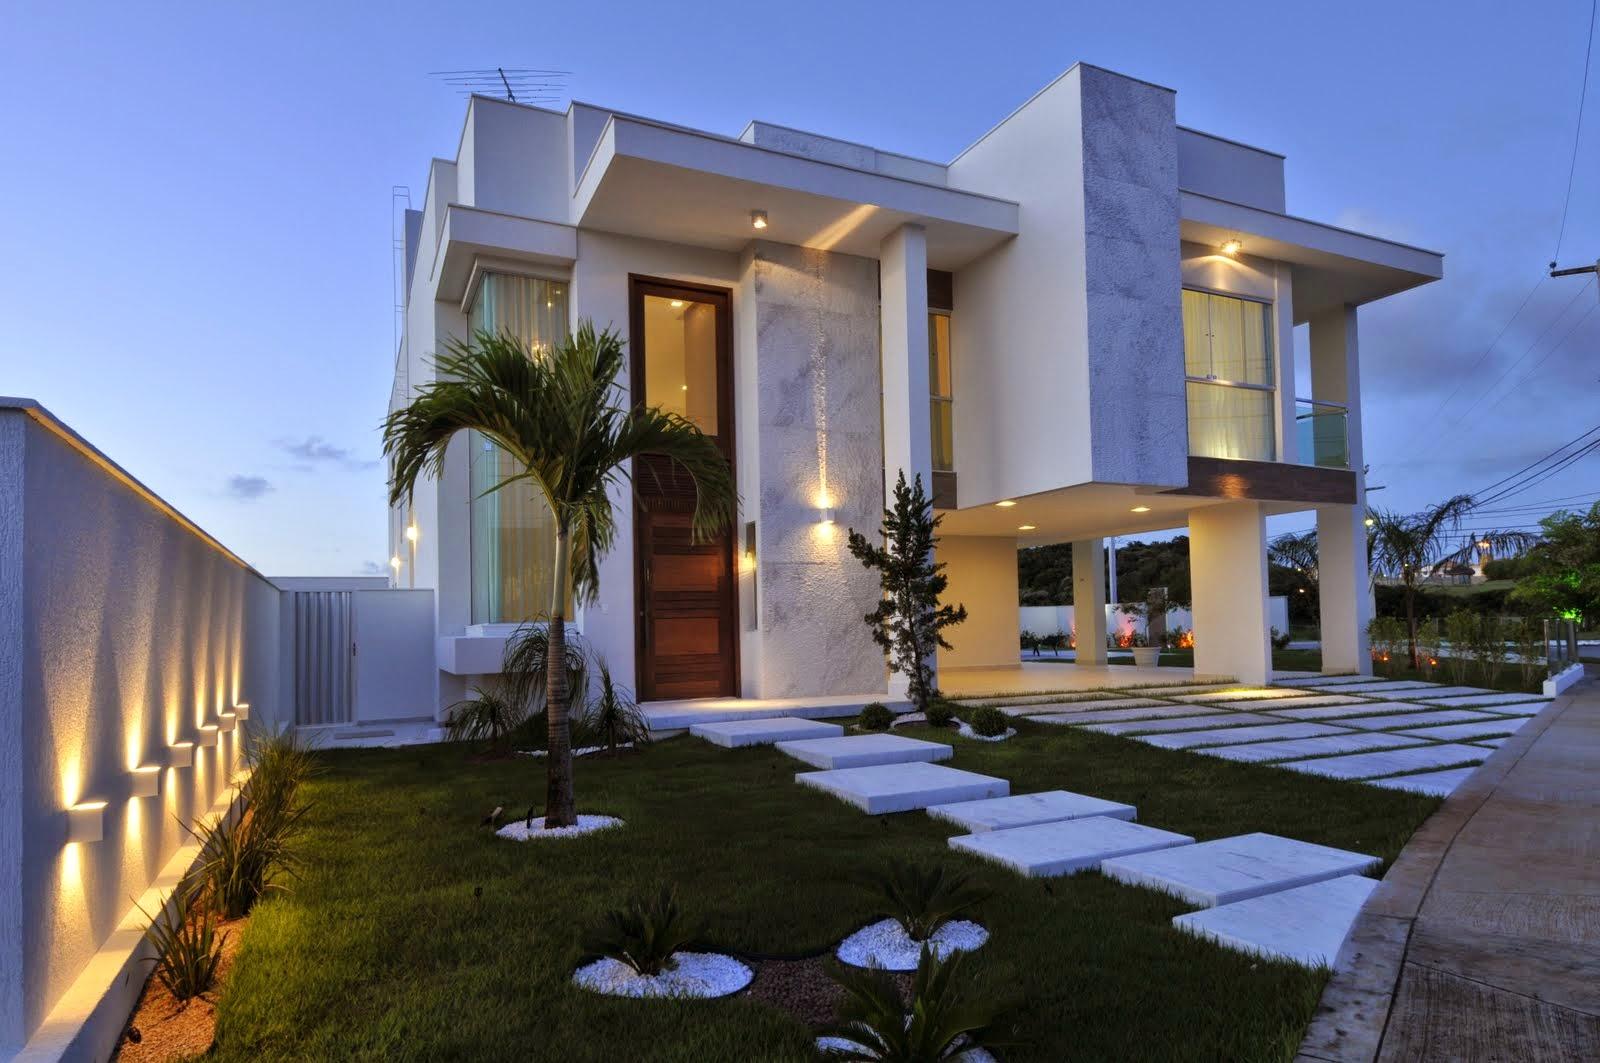 Construindo minha casa clean fachadas de casas quadradas for Casa moderna 9 mirote y blancana